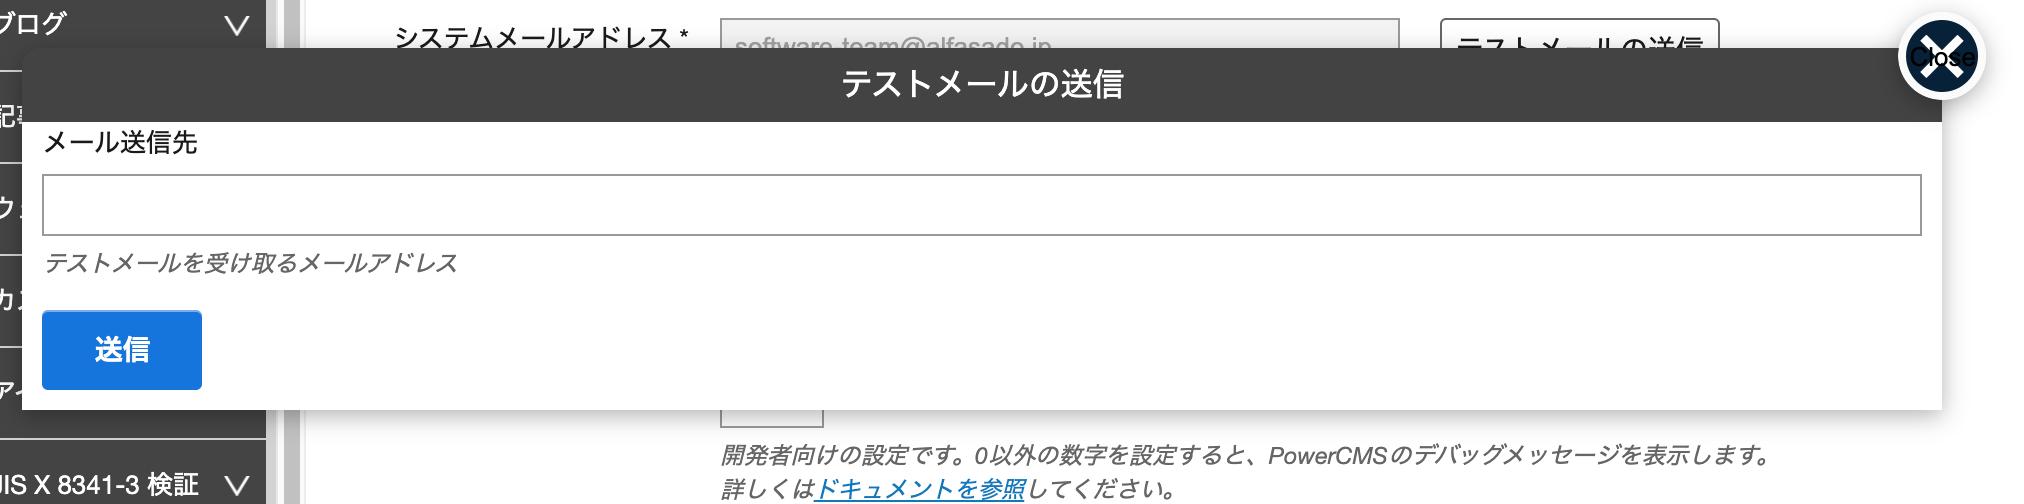 テストメールの送信画面.png